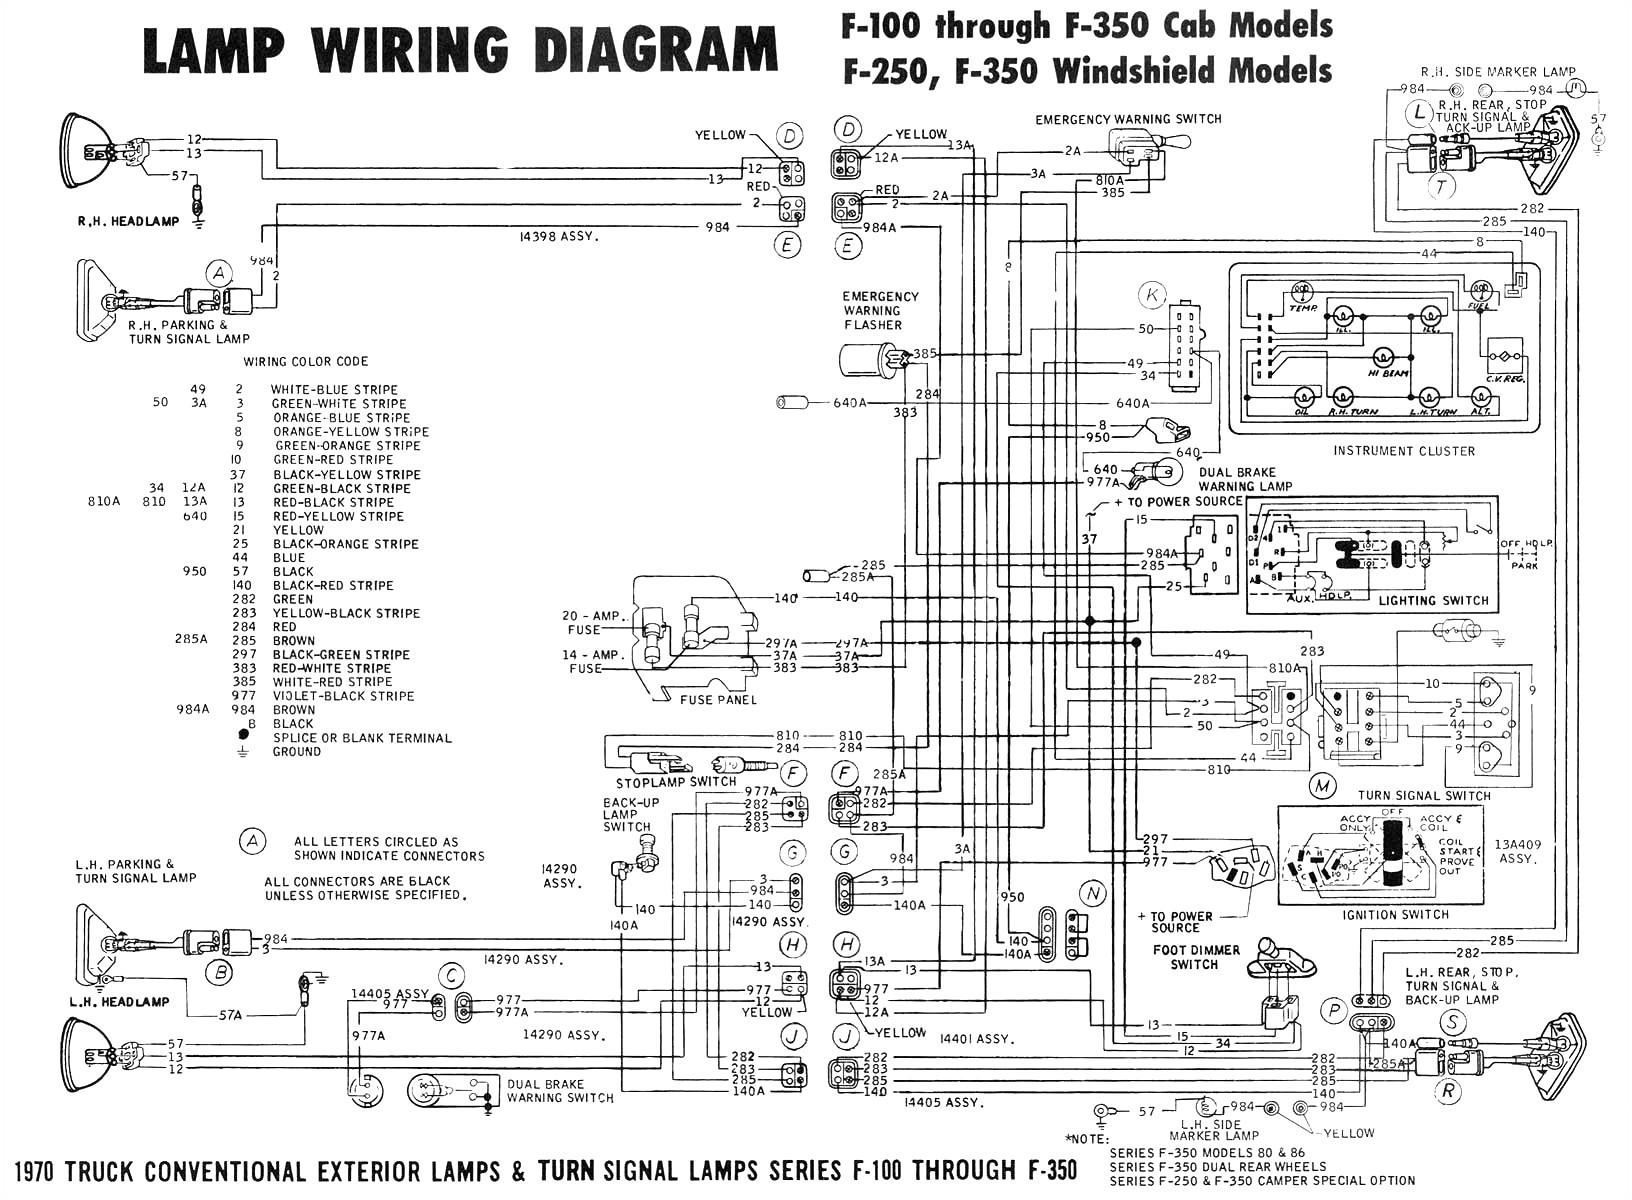 wiring diagrams 2003 ford ranger 3 0 wiring diagram post 2003 ford ranger wiring diagram pdf 2003 f350 wiring diagram